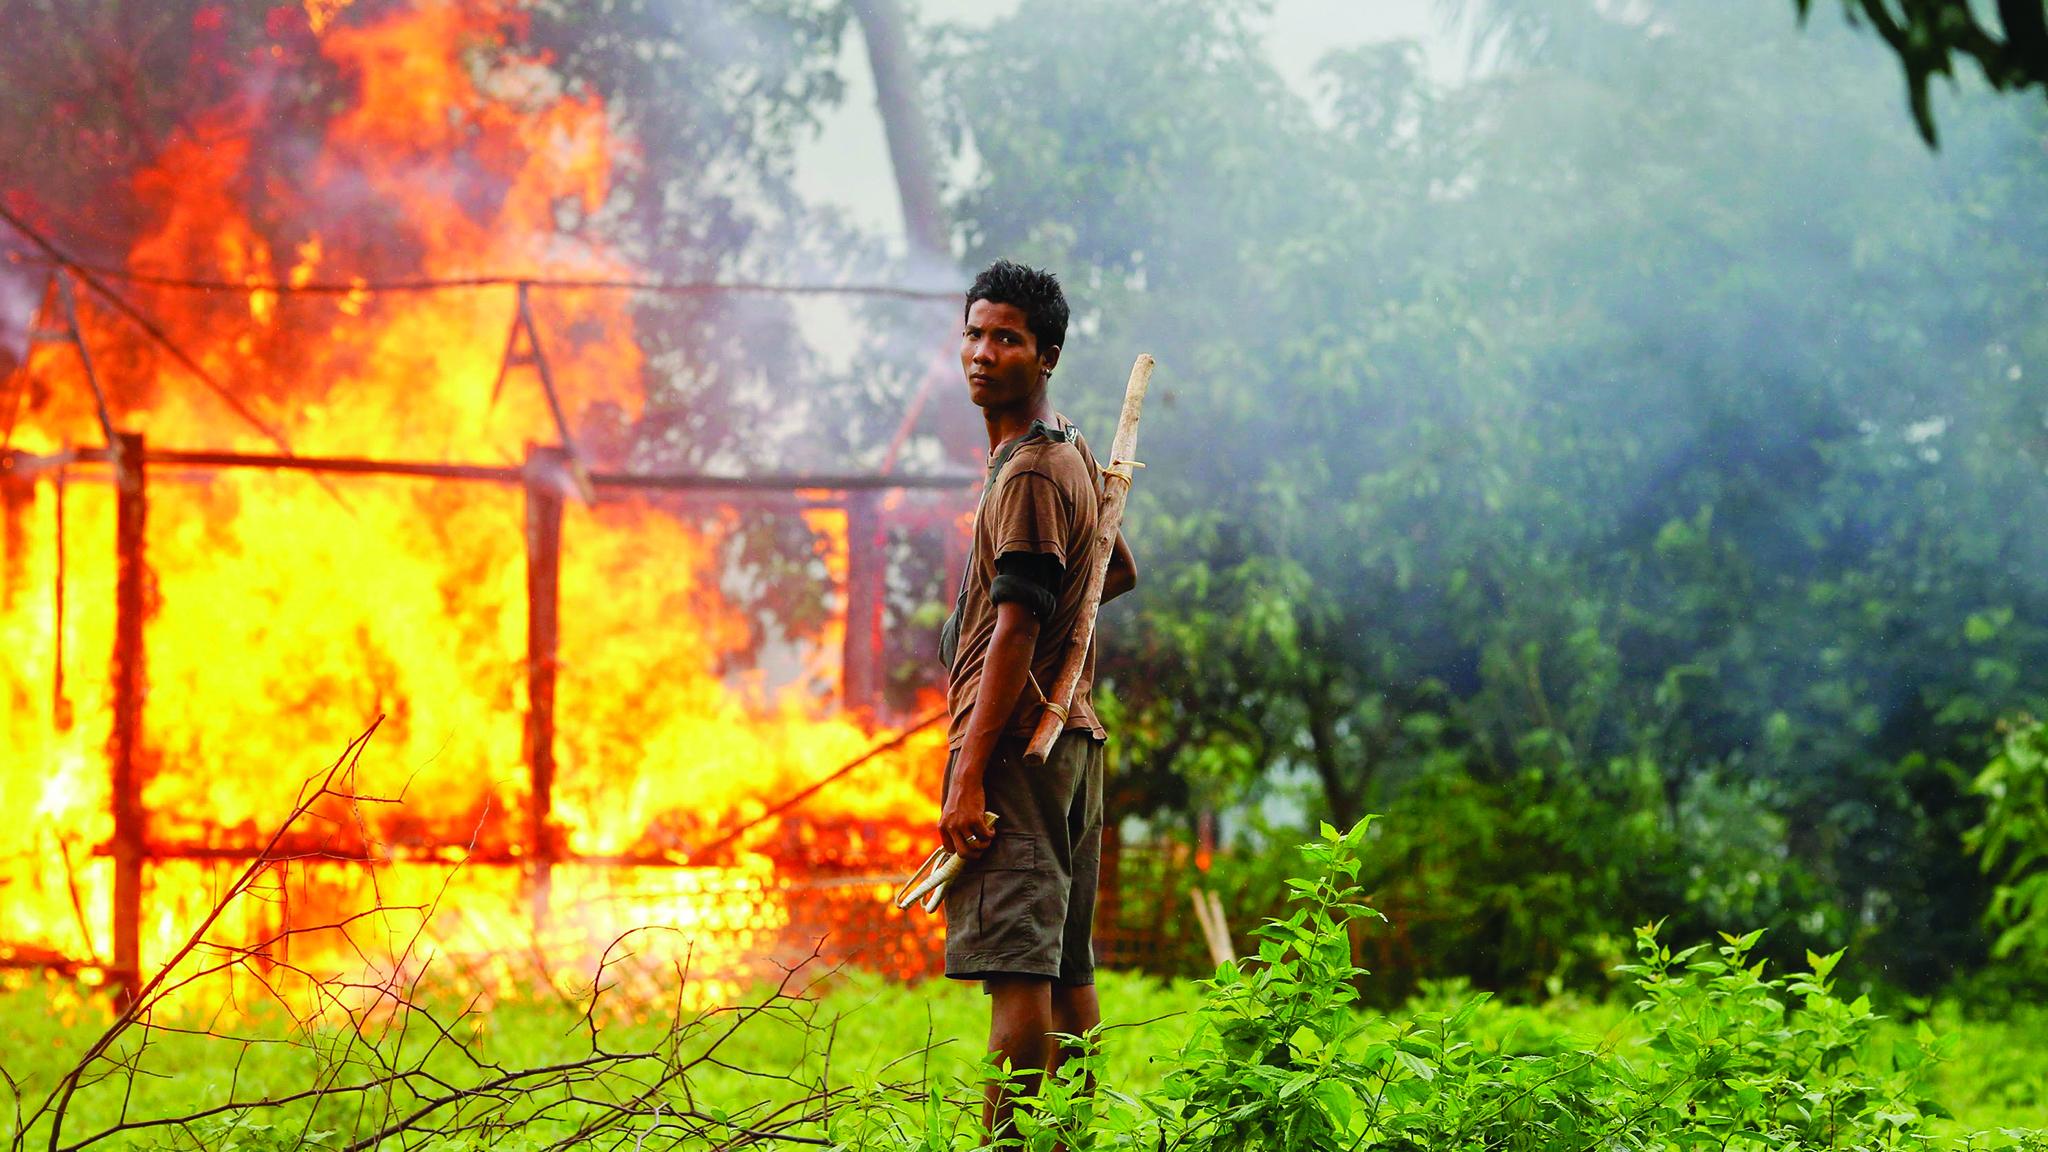 ONG exigem aos governos do Sudeste Asiático que protejam os Rohingya